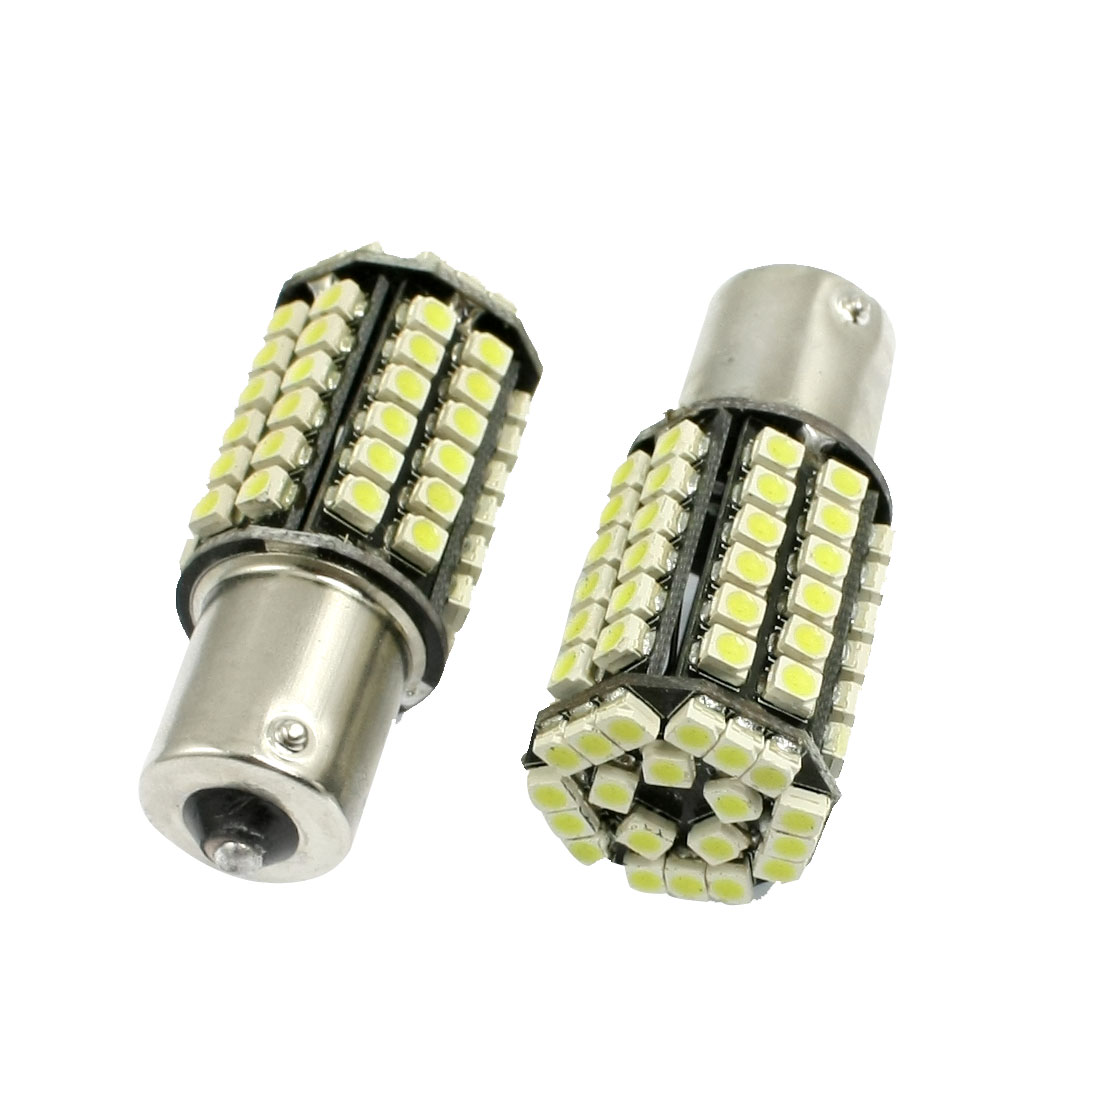 2 Pcs BA15S 1156 White 80 1210 SMD LED Turn Signal Tail Light Lamp